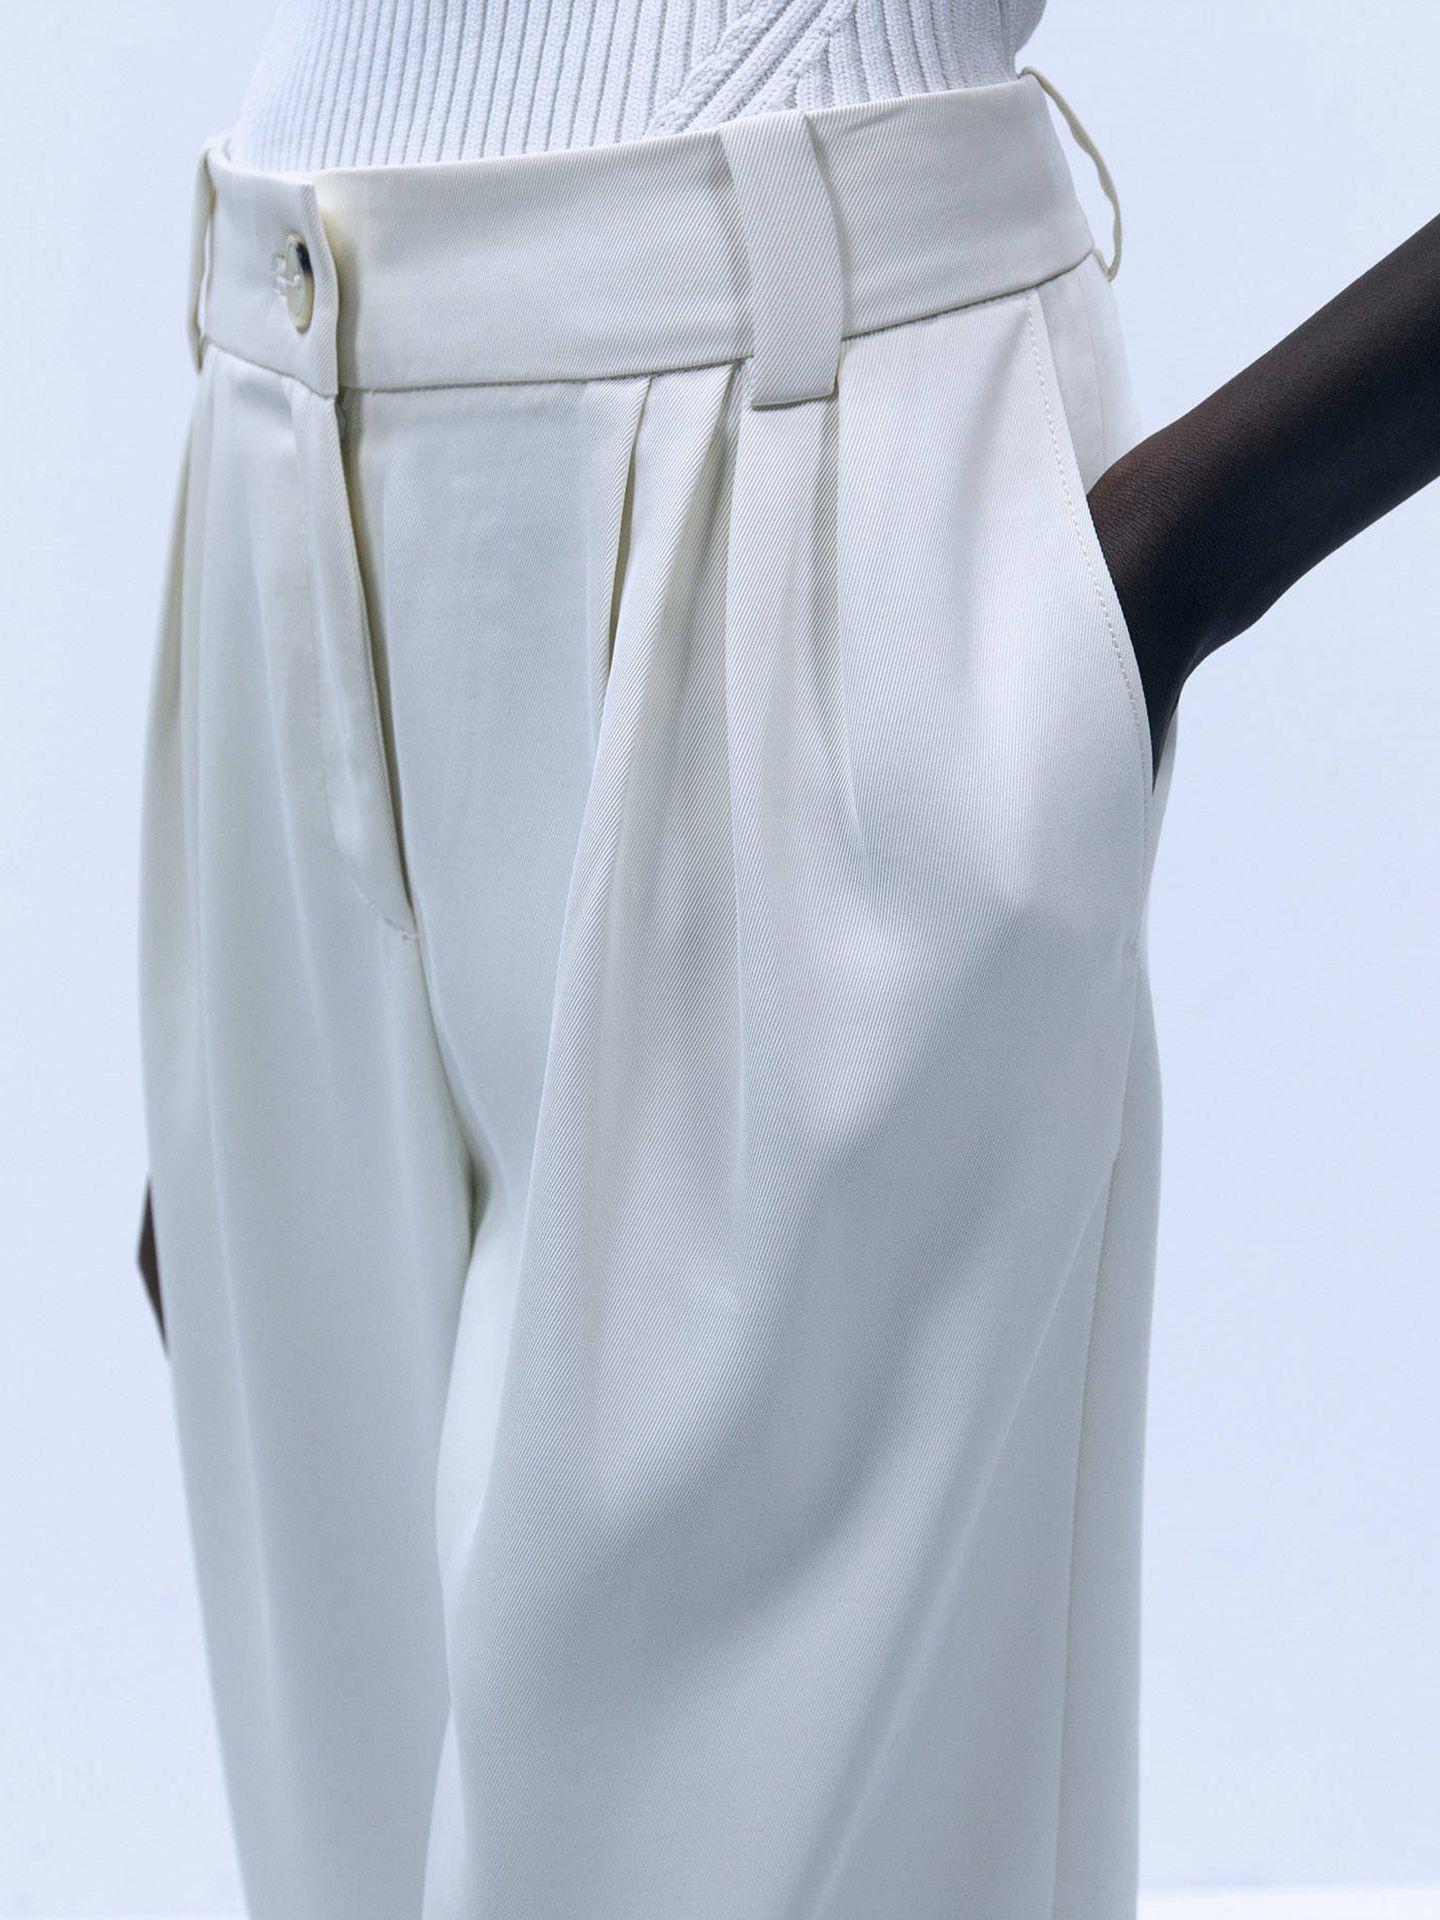 El nuevo pantalón de Sfera. (Cortesía)